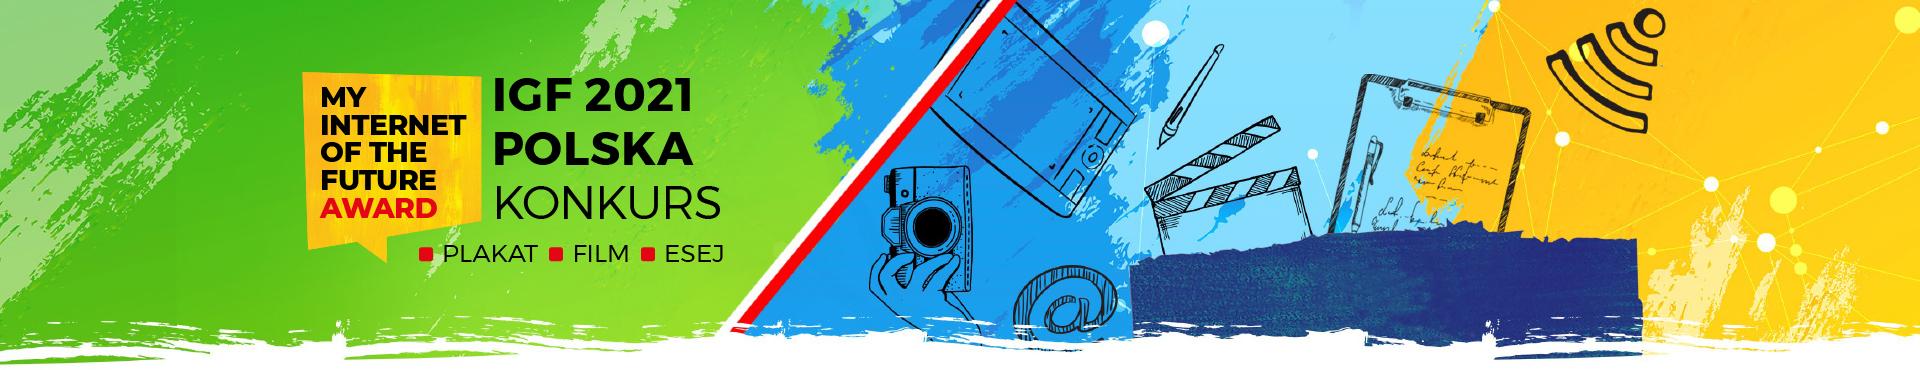 """Baner z logo, nazwą konkursu i aktywnym linkiem do strony rejestracji lub logowania do konkursu. Od lewej strony na jasno zielonym, niejednolitym tle, stworzonym jakby pociągnięciami pędzla, znajduje się logo konkursu – napis czarnymi drukowanymi literami MY INTERNET OF THE FUTURE i poniżej czerwonymi drukowanymi literami AWARD wpisany w żółty kwadratowy dymek dialogowy. Po prawej stronie sygnetu logo, jakby przyklejony do niego napis czarnymi drukowanymi literami IGF 2021 POLSKA KONKURS. Poniżej po czerwonych kwadratowych punktorach trzy słowa pisane czarnymi drukowanymi literami PLAKAT, FILM, ESEJ. W dalszej, środkowej części banneru zielone tło oddzielone jest biegnącą pod skosem w poprzek banneru, z dołu do góry, cienką biało-czerwoną wstążką w kolorach polskiej flagi. Po prawej stronie flagi tło zmienia się w jednej trzeciej banneru na dwa odcienie jasno niebieskiego i niebieskiego koloru, a następnie, w jednej trzeciej - położonej na prawym końcu – na kolor żółty z widocznymi niewielkimi okrągłymi punktami w kolorze białym i jasno żółtym, połączonymi licznymi jasno żółtymi liniami – symbolizującymi połączenie internetowe. Na niebieskim tle zaczynając od lewej, zaraz za flagą dzielącą baner, umieszczone są rysowane czarną rysunkową kreską ikony przedstawiające dłoń trzymającą aparat fotograficzny, nieco powyżej tablet, pod tabletem symbol """"at"""" – internetowej """"małpki"""", następnie dalej po prawej stronie klaps filmowy, nad nim ołówek, dalej po prawej podkładkę do pisania z kartką i długopisem. Serię rysunkowych ikon zamyka ikona wi-fi, znajdująca się już na żółtym tle. Na dole banneru, na połączeniu niebieskiego i żółtego tła znajduje się granatowy, postrzępiony prostokąt, jakby malowany pędzlem, a na nim aktywny link do strony rejestracji lub logowania do konkursu, z białym napisem Weź udział w konkursie."""